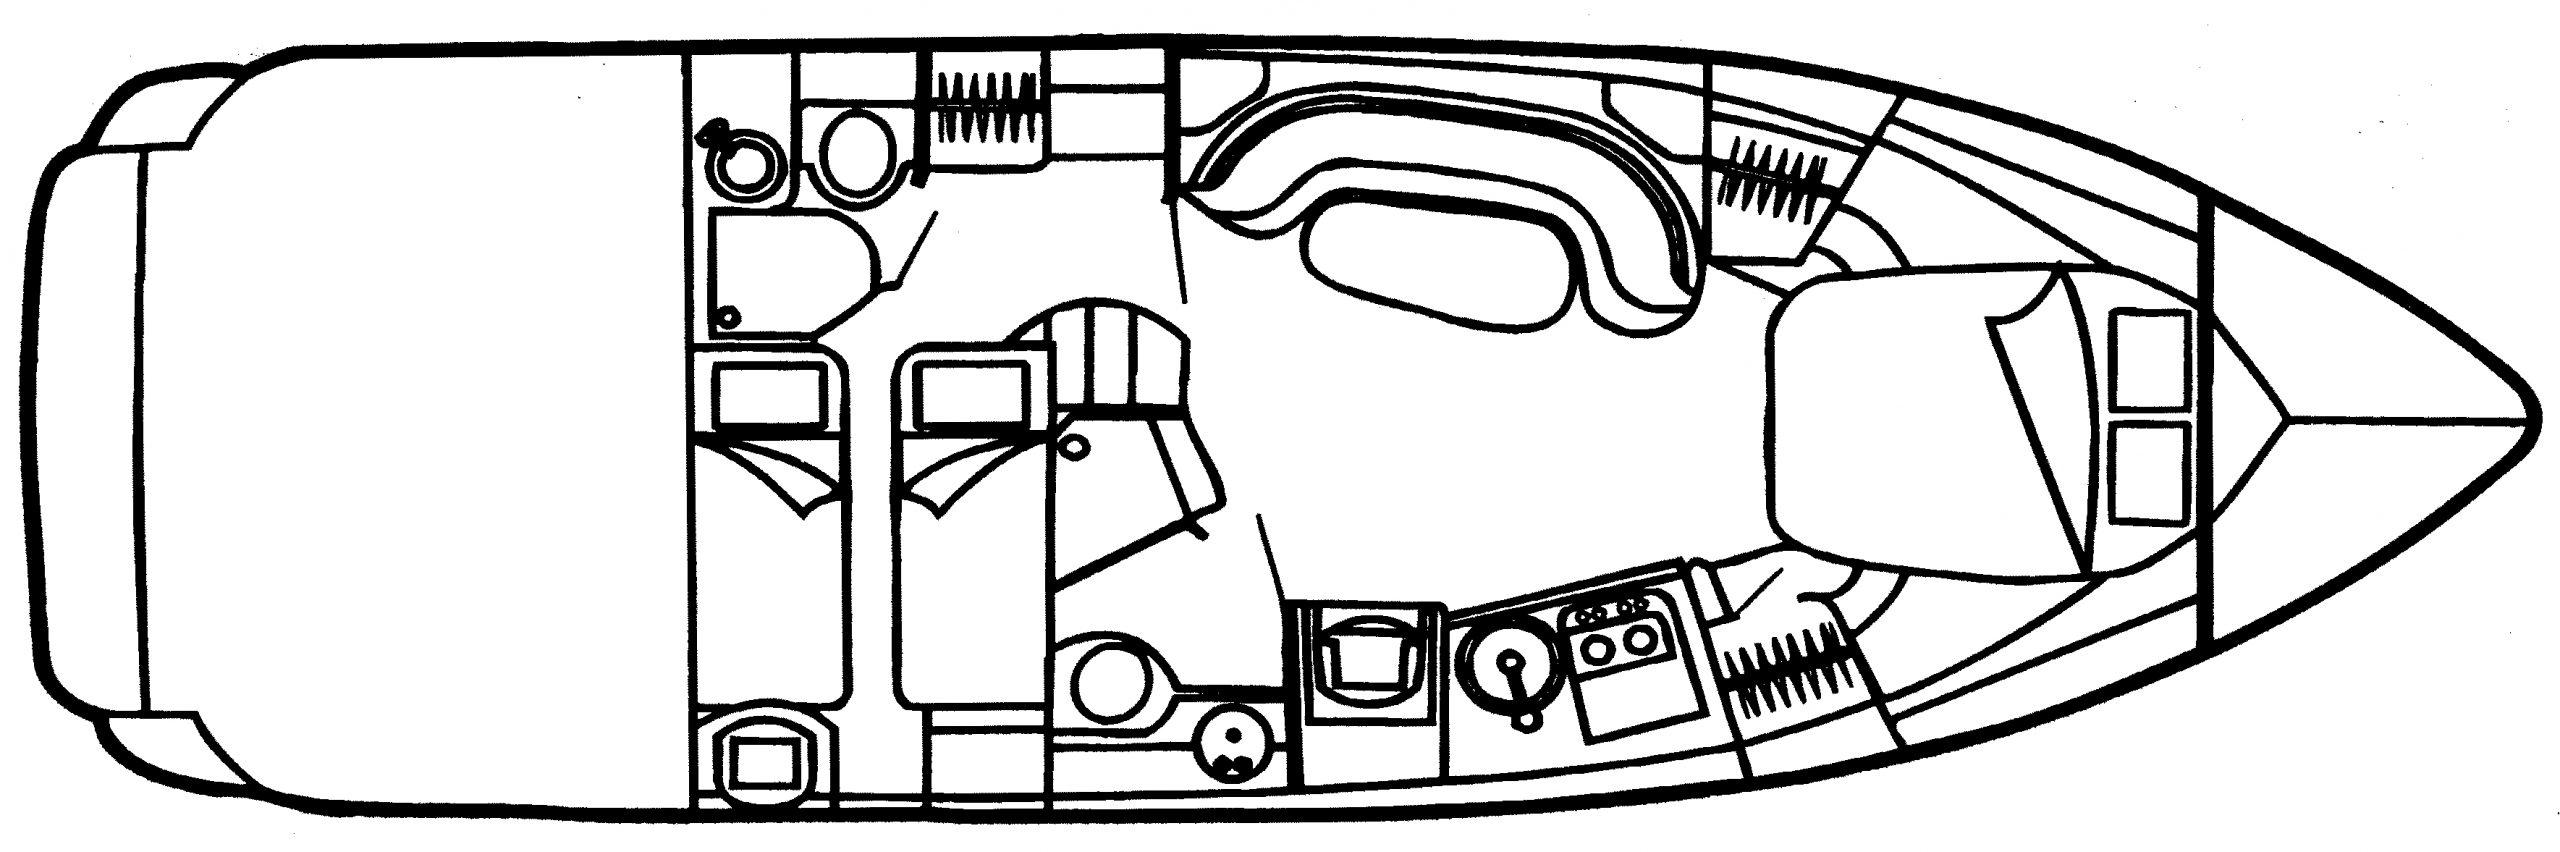 3870 Express Floor Plan 1